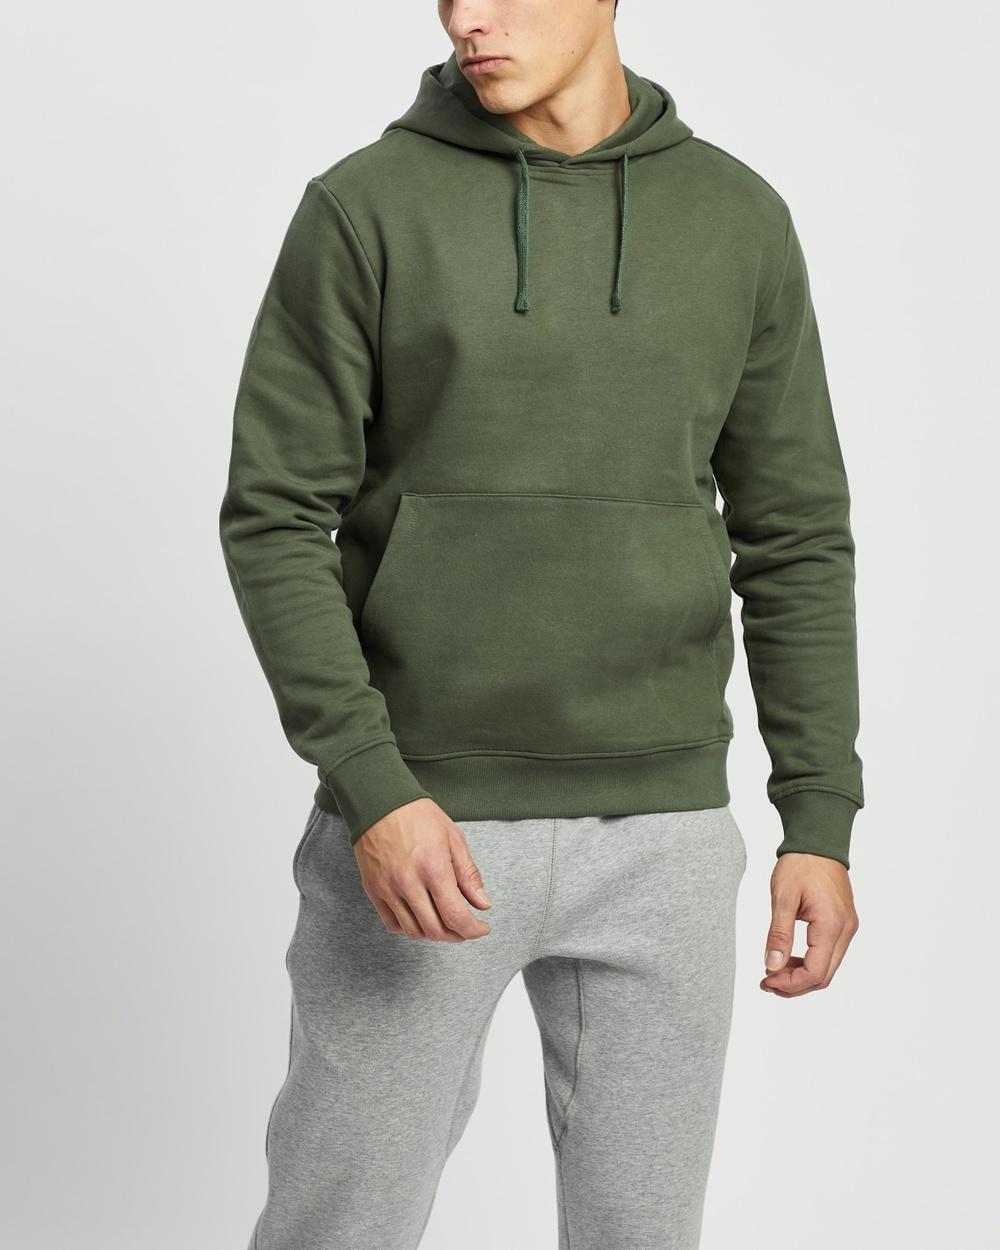 AERE Organic Cotton Hoodie Hoodies Khaki